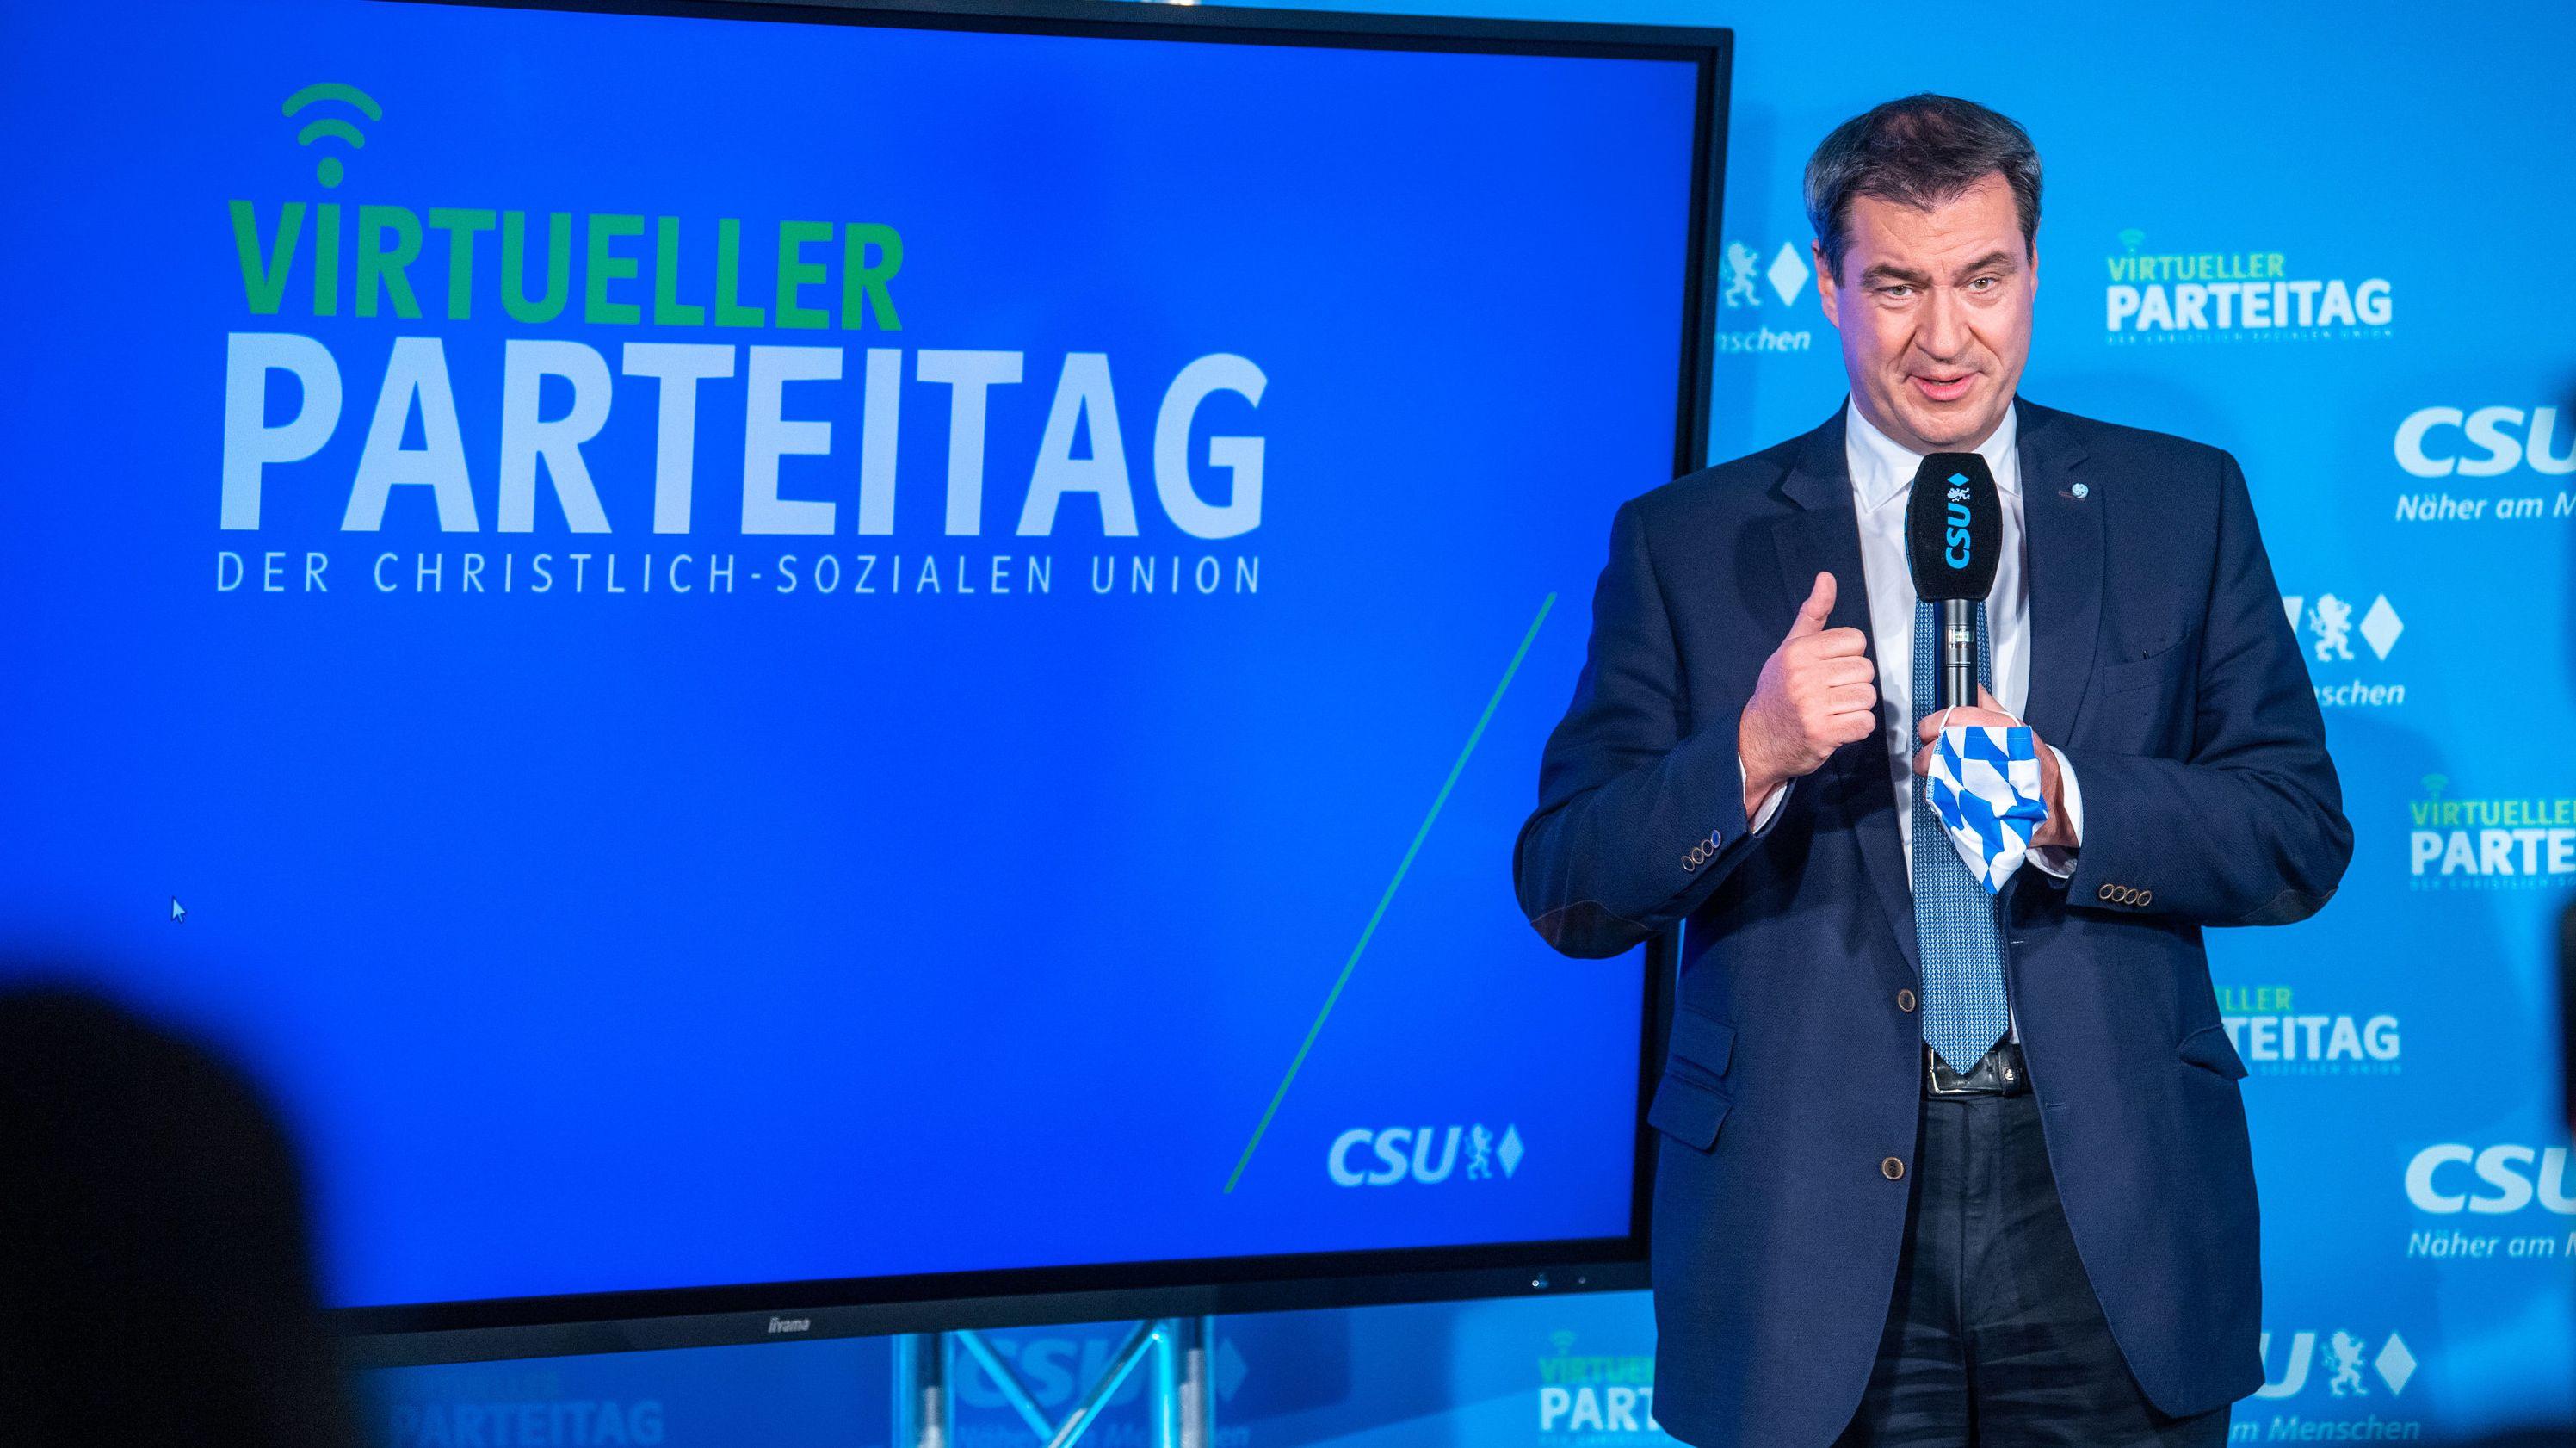 Markus Söder vor einem Bildschirm.